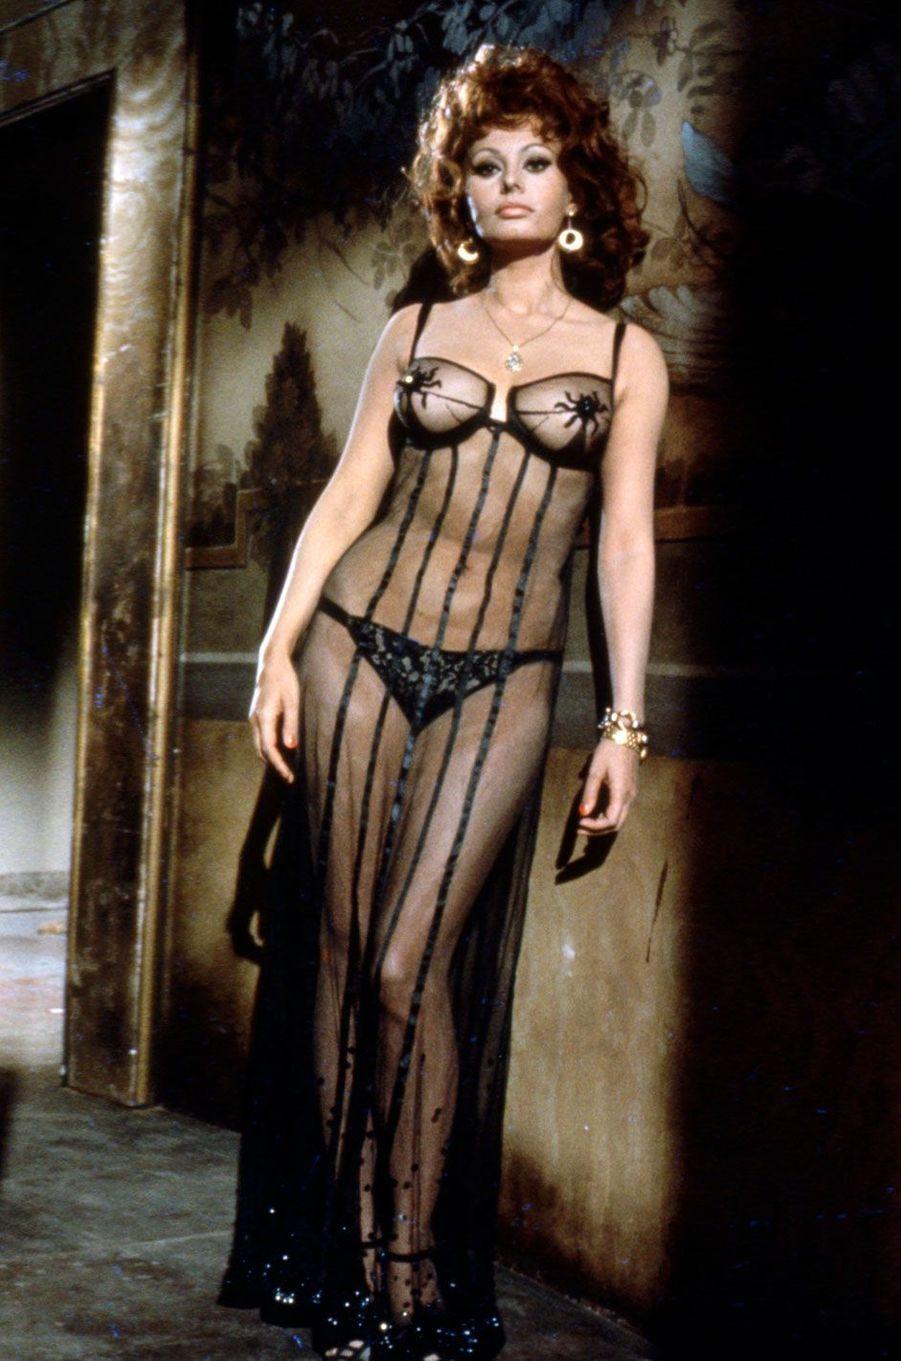 Sophia Loren, sex symbol en 1955.